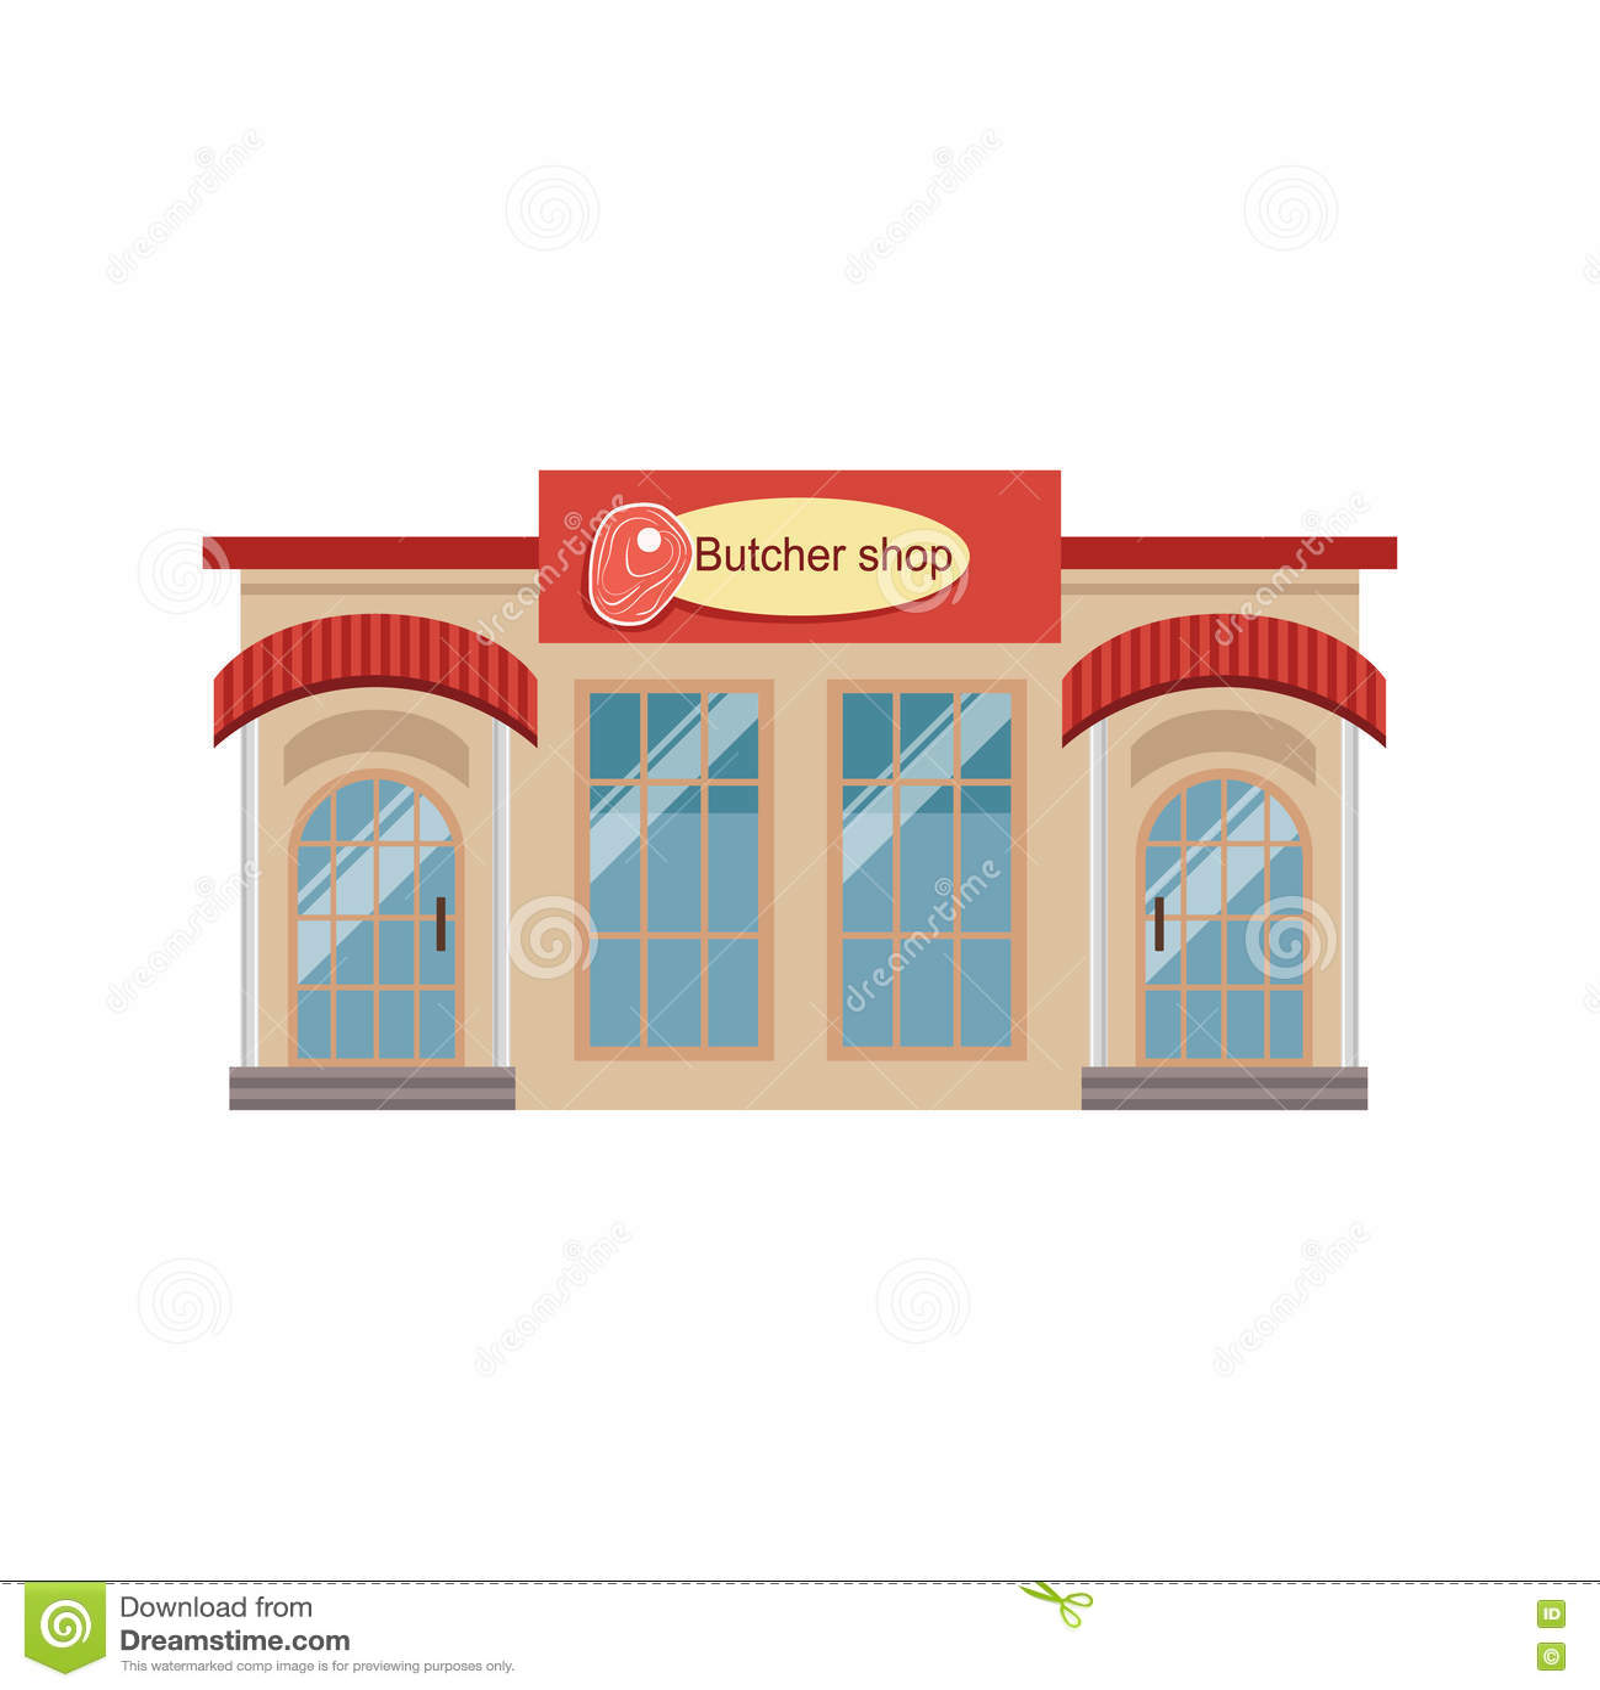 Butchery Commercial Building Facade Design Stock Vector - Image ...